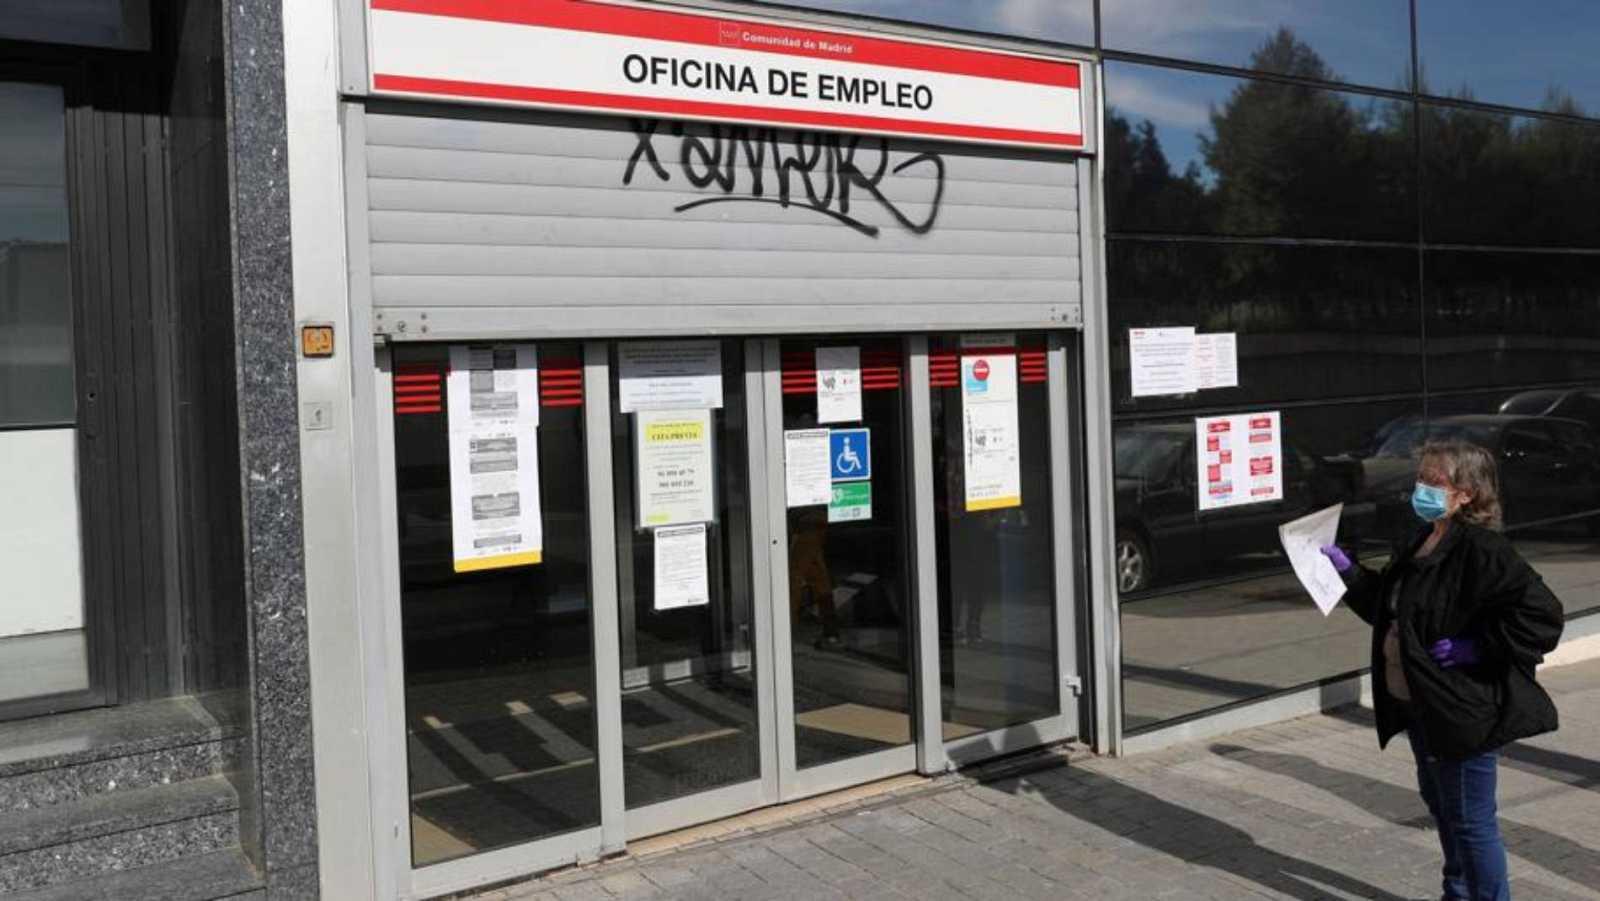 Vista de la entrada de una oficina de empleo en Madrid